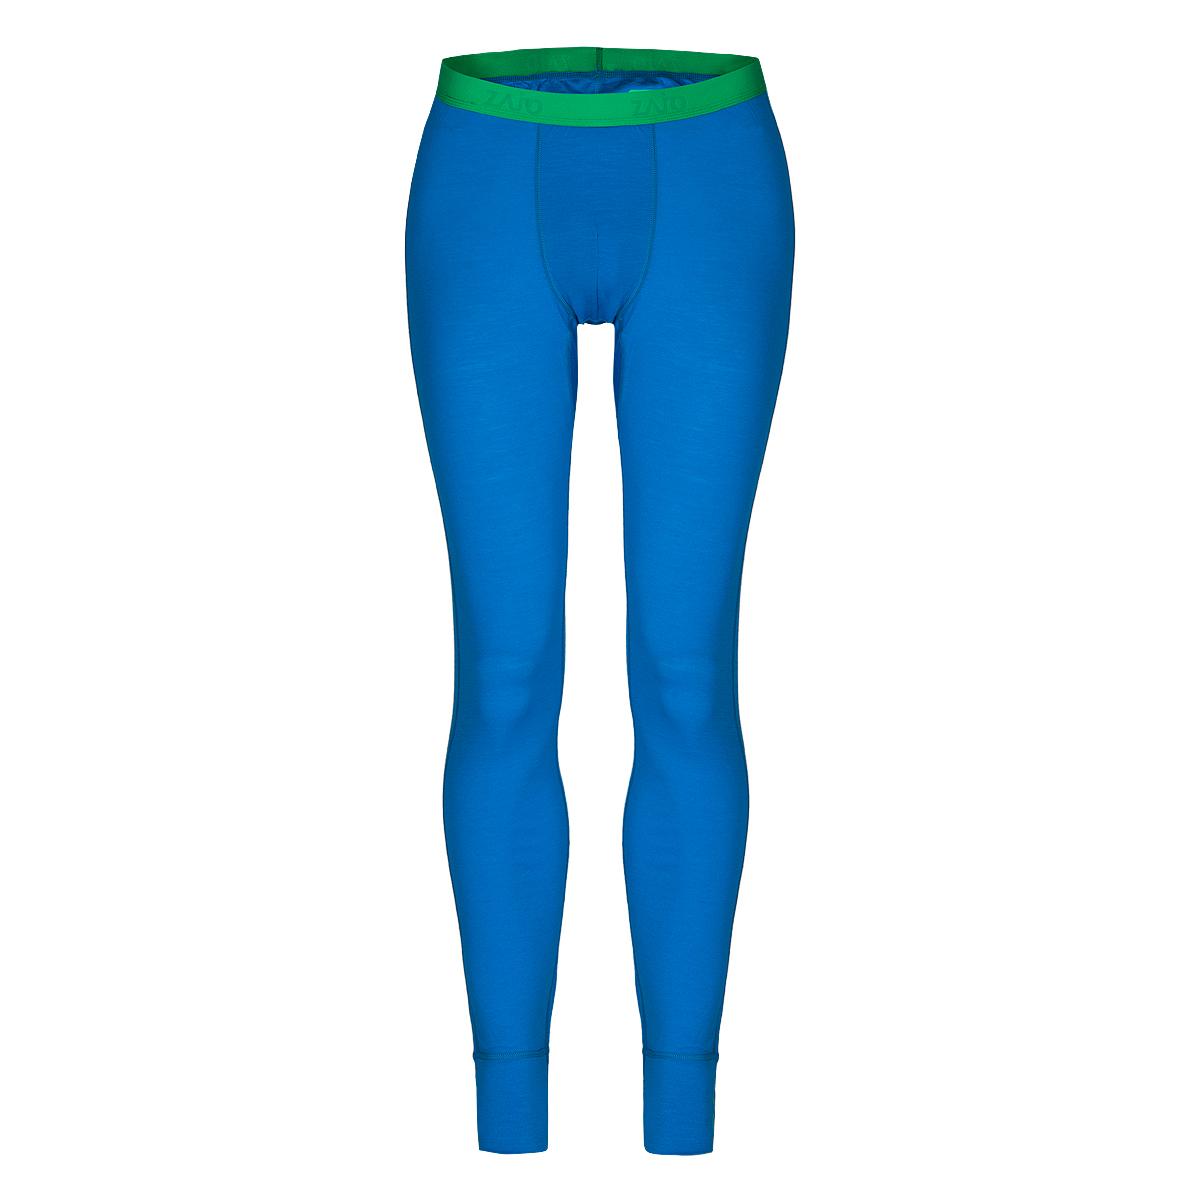 Pánske spodné prádlo Zajo Bjorn Merino Pants Blue Jewel - veľkosť XL